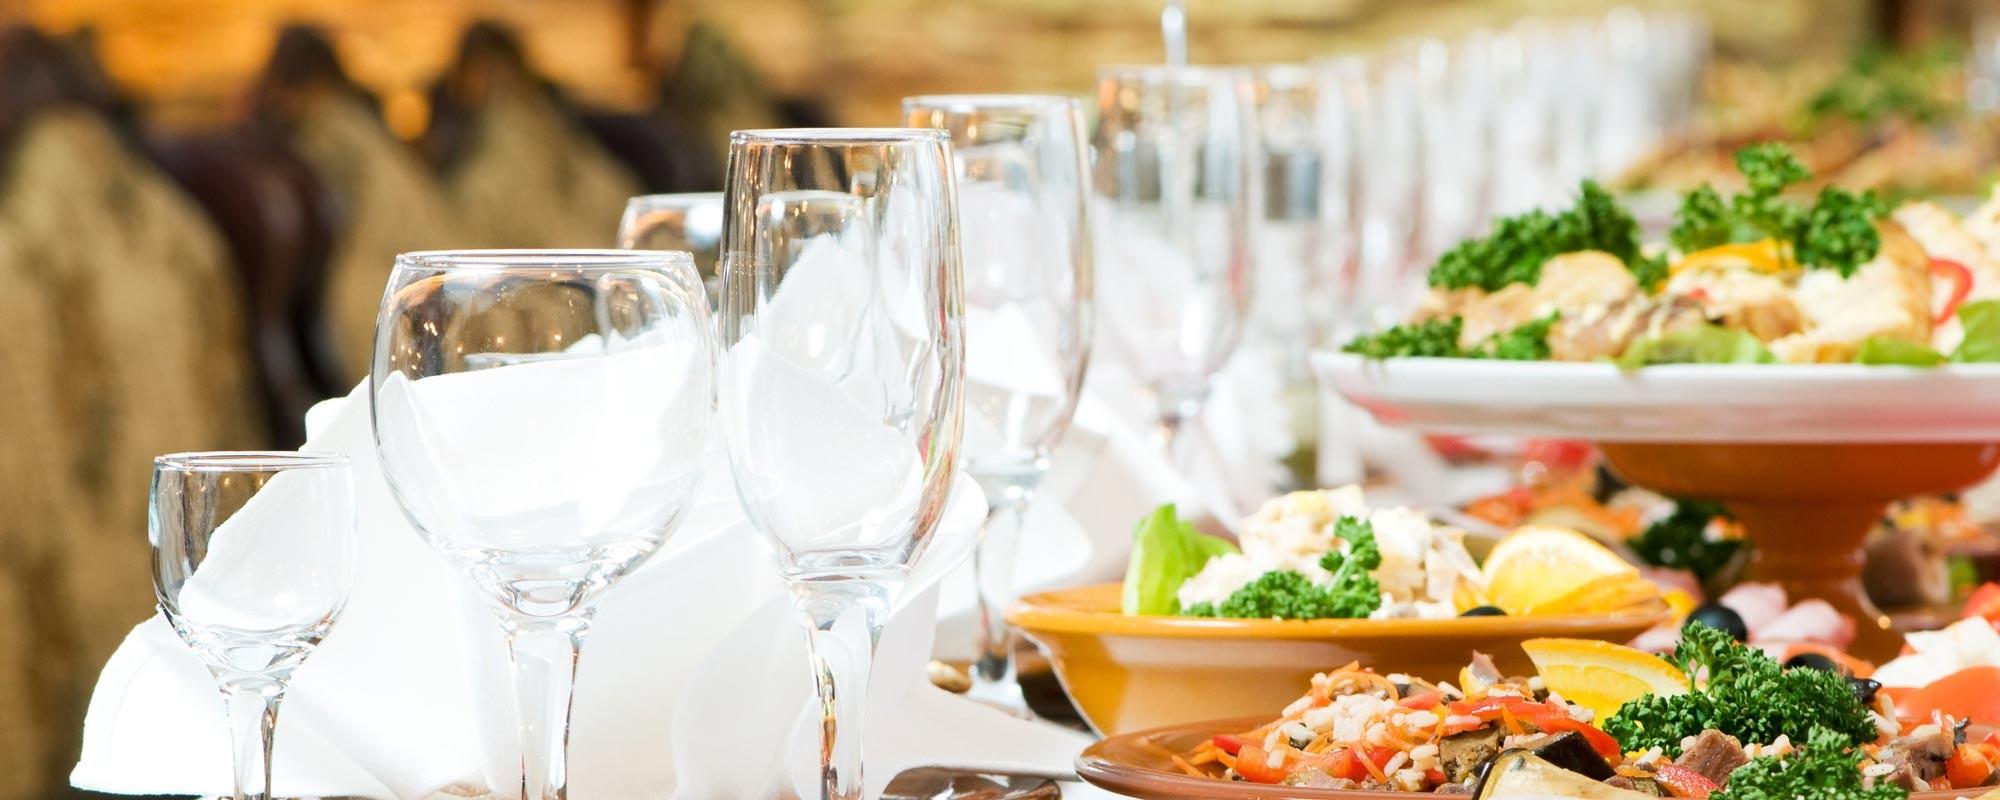 أكلات حفلات الزفاف